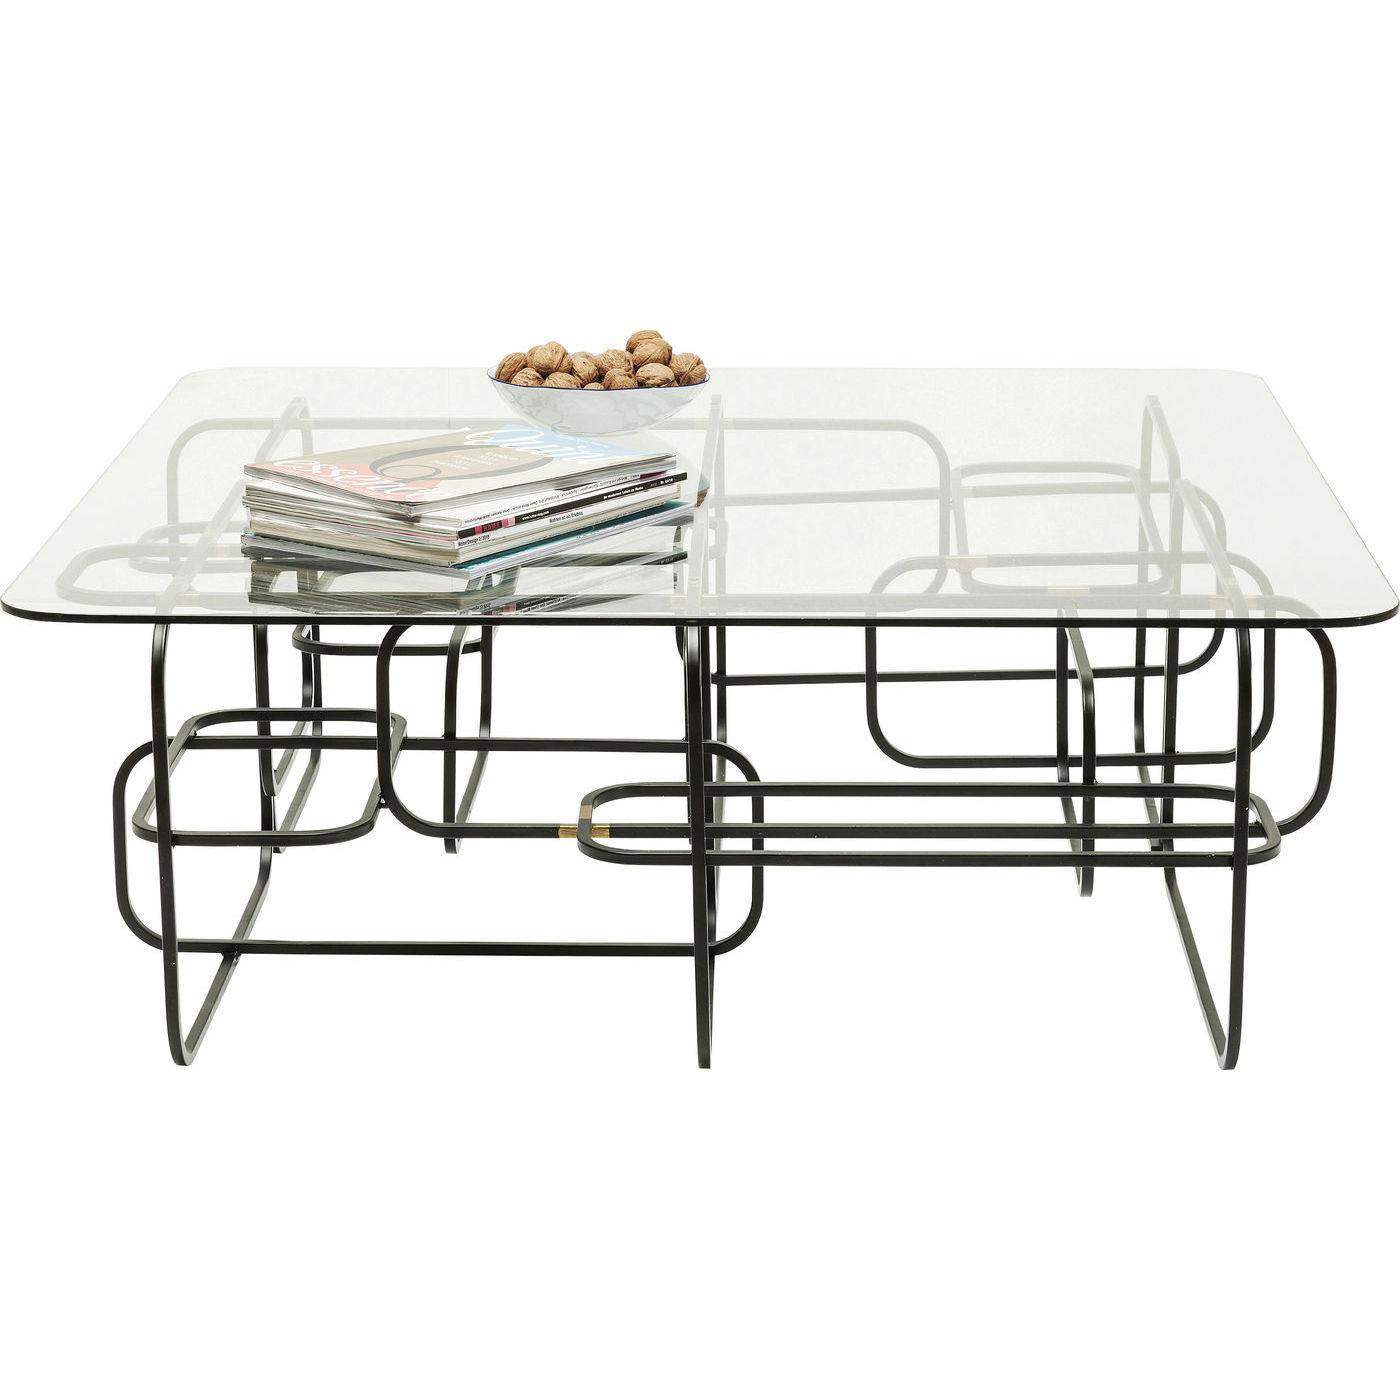 Kare design sofabord, meander black 100x100cm fra kare design fra boboonline.dk